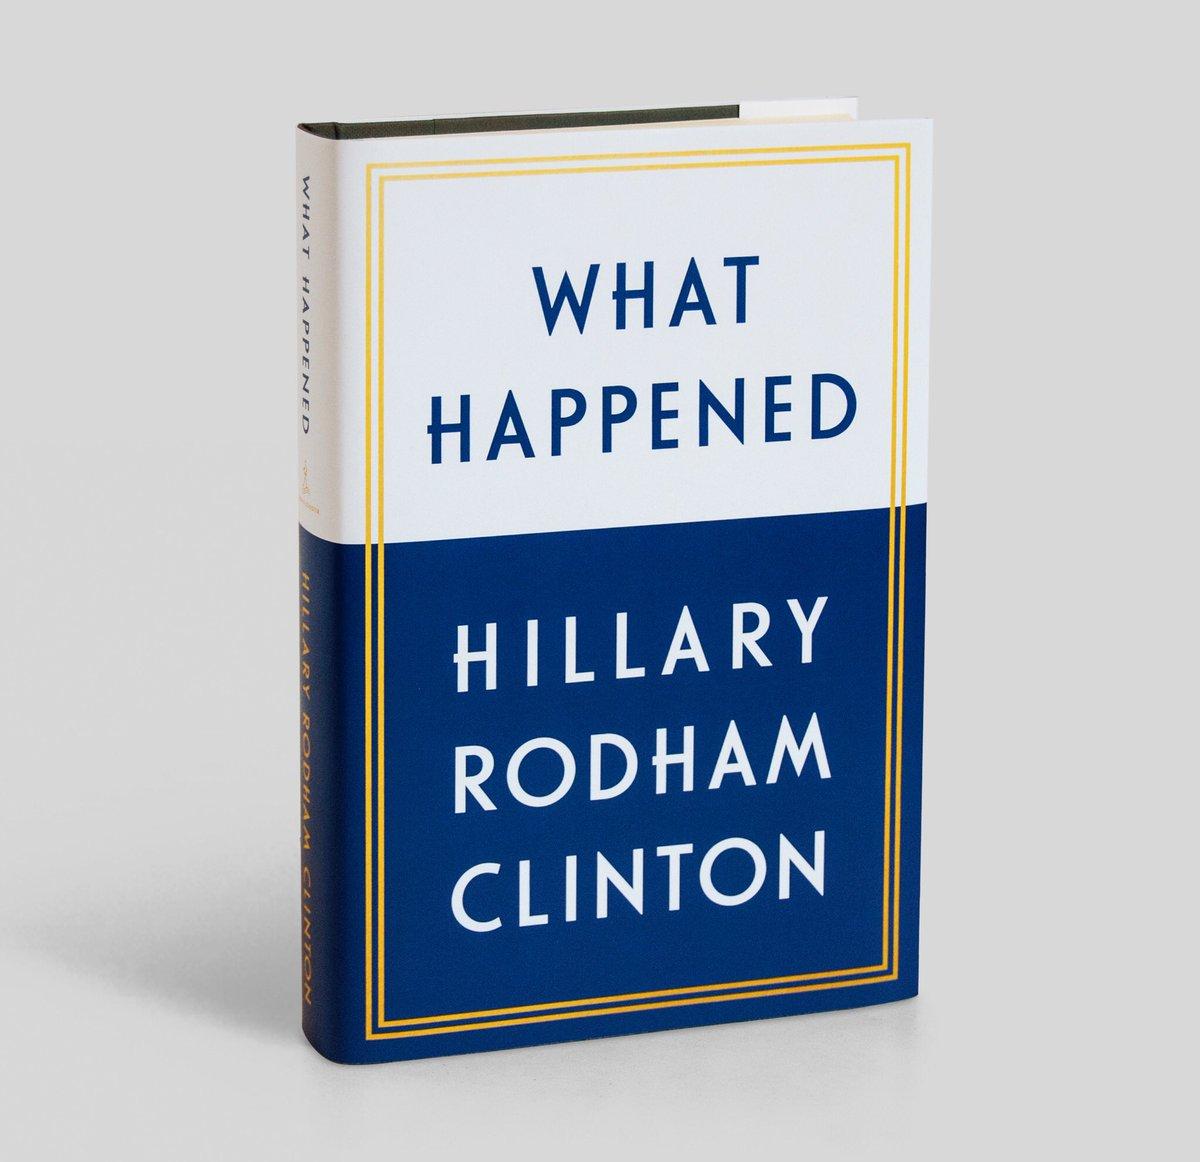 Hillary Clinton's memoir, 'What Happened,' hits shelves in only a few weeks https://t.co/b9jWCx6ZFd https://t.co/3sy7XAhT91